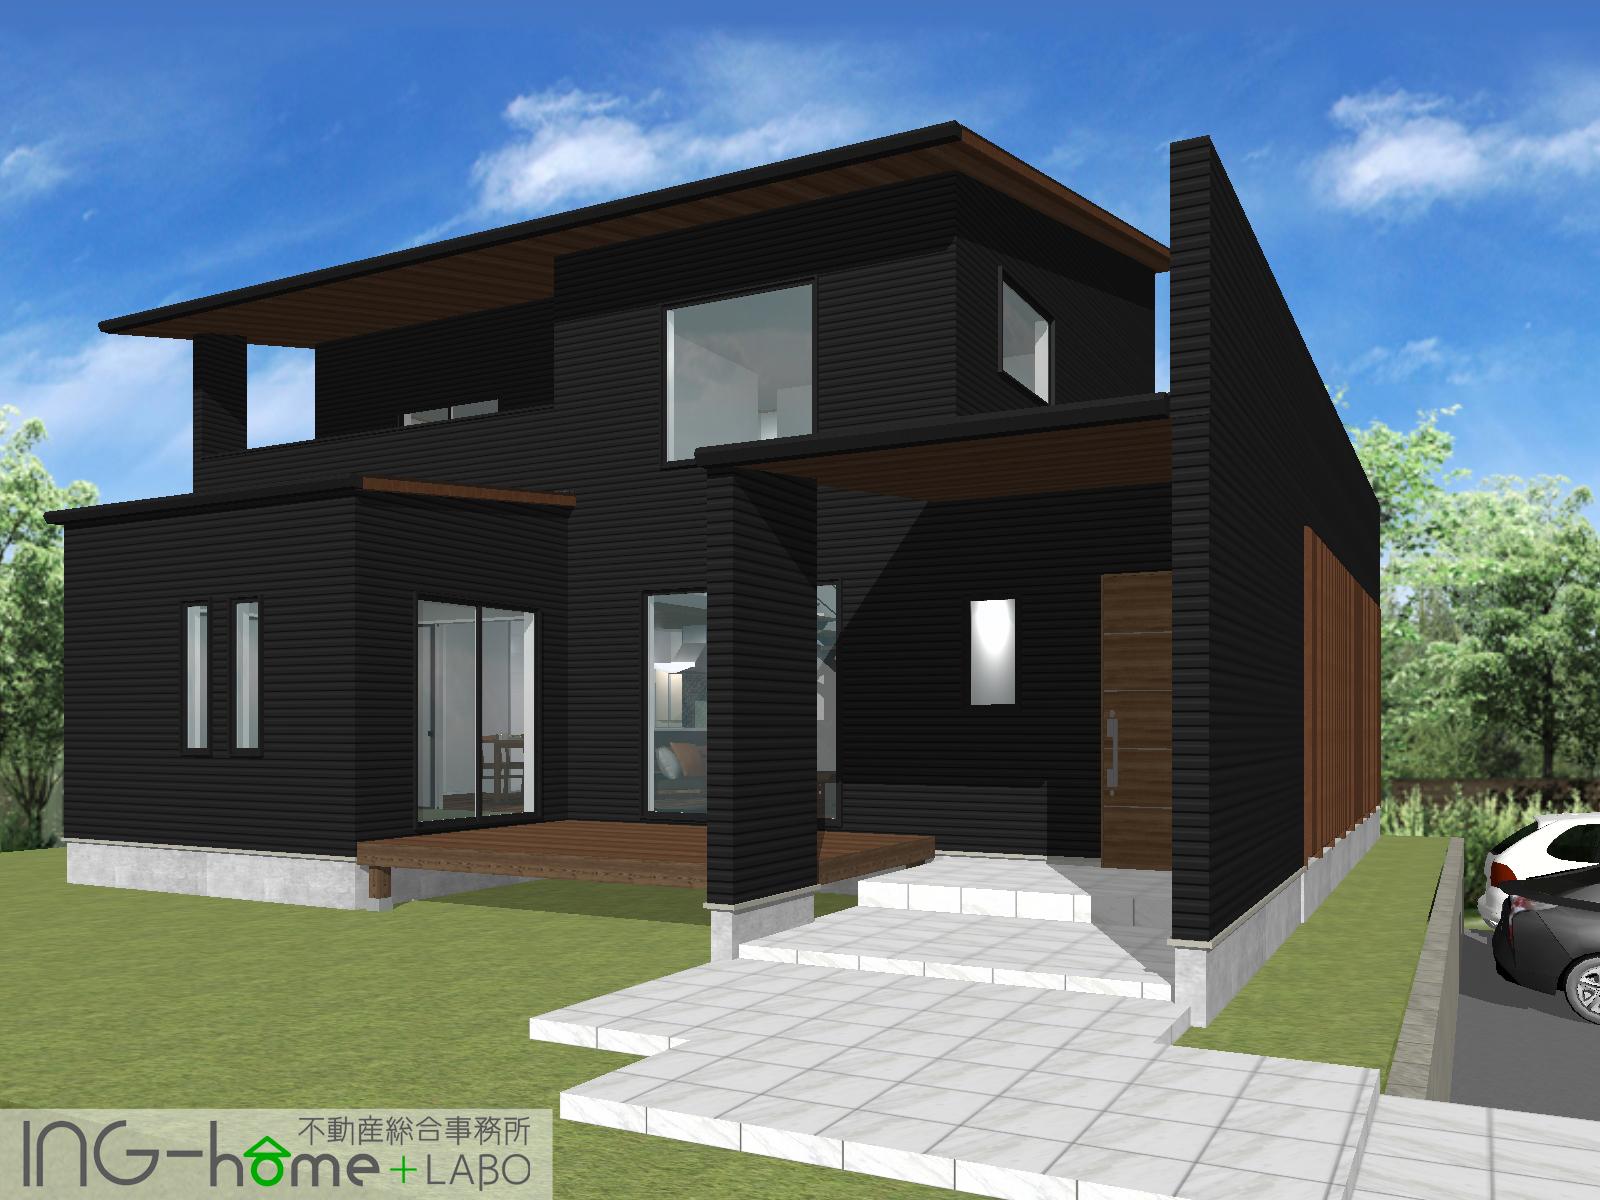 ING-home image plan(外観)